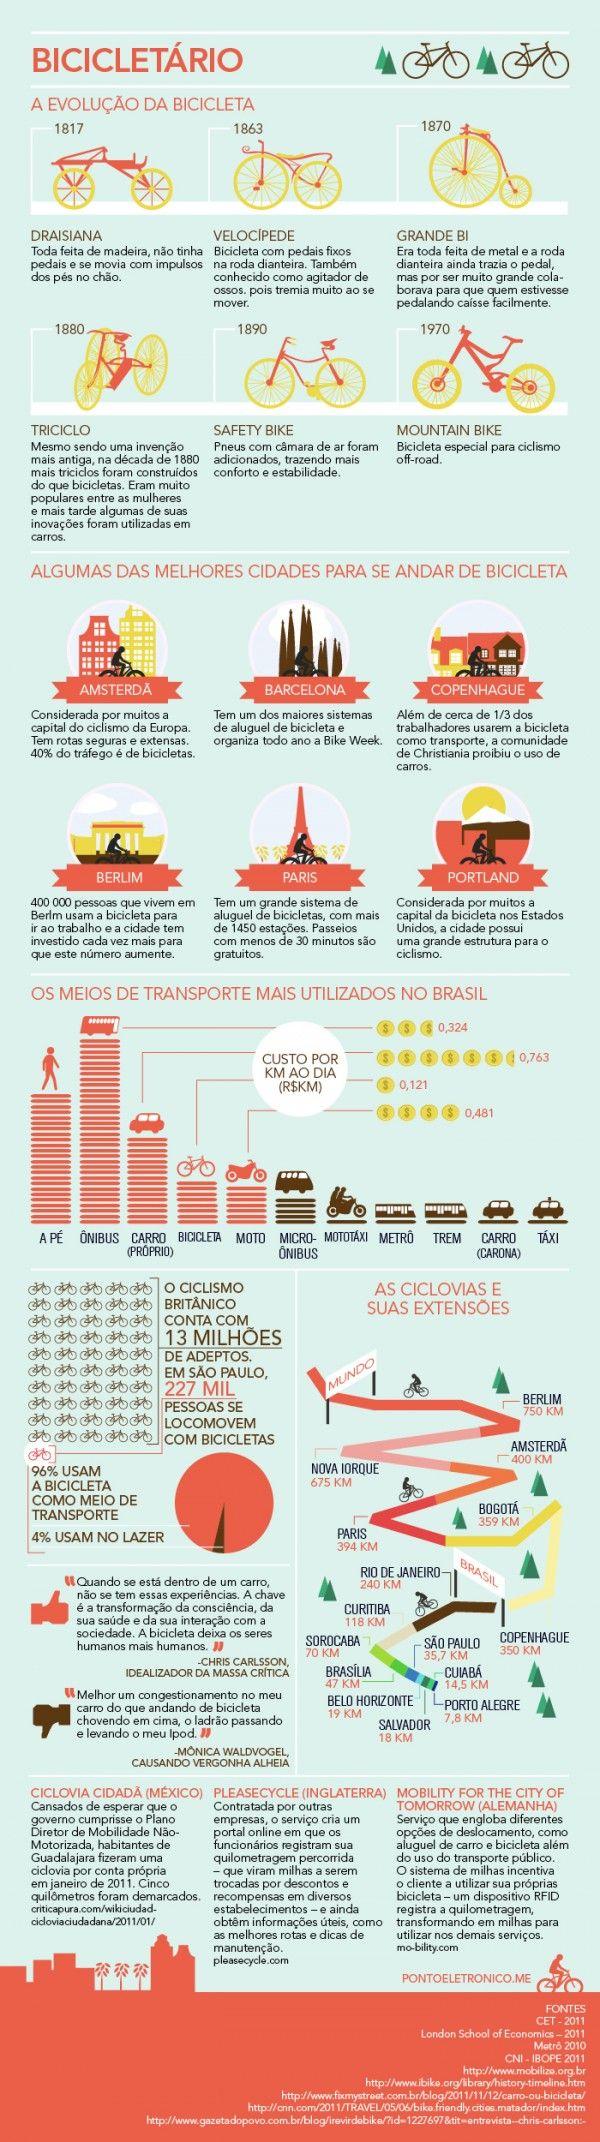 Infográfico sobre Mobilidade Urbana